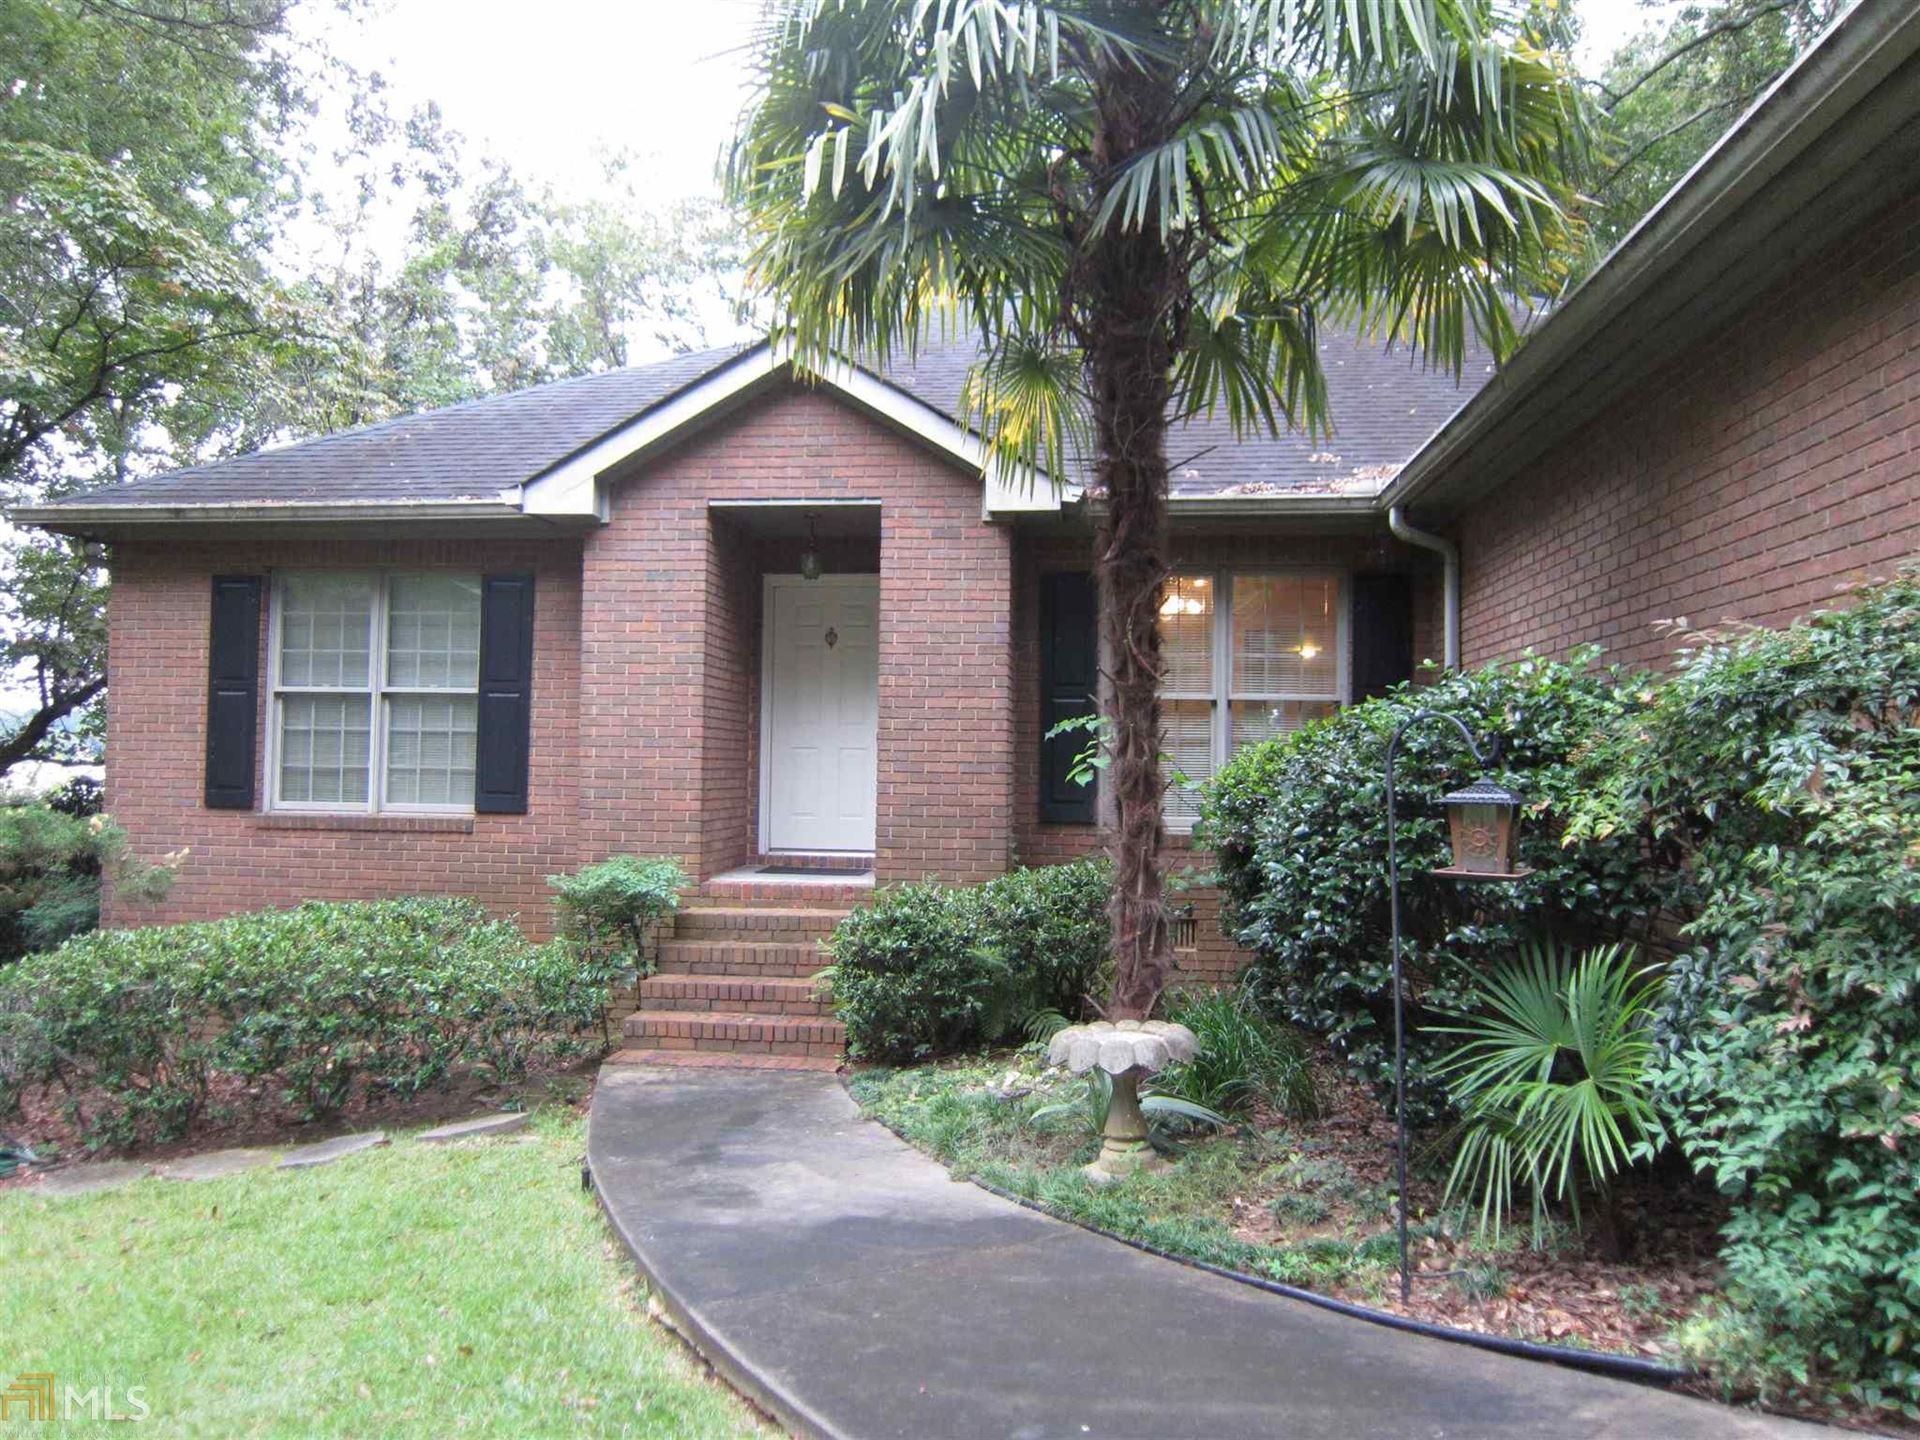 1040 Dogwood Ln, Greensboro, GA 30642 - MLS#: 8866067